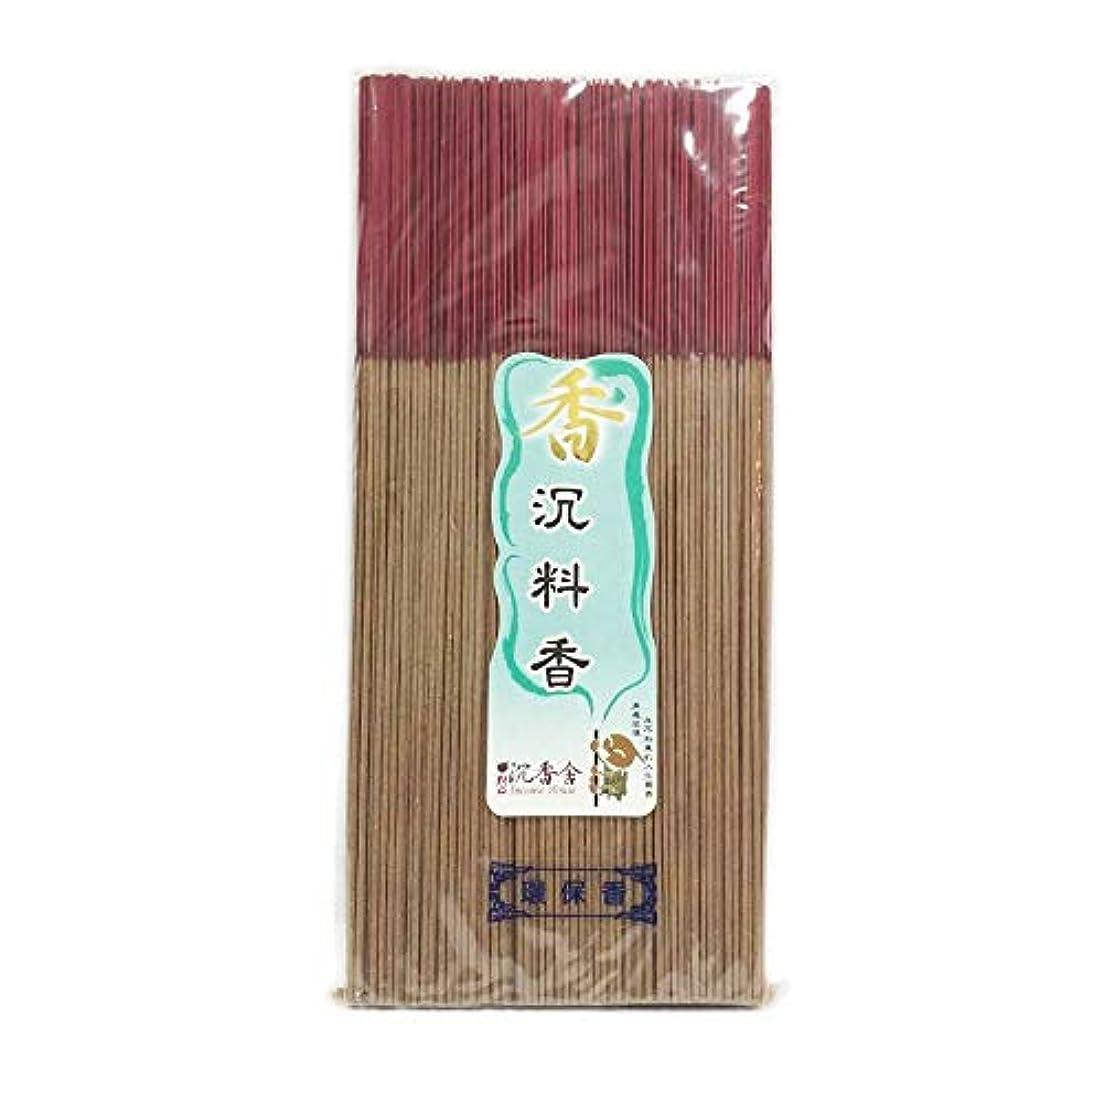 マニフェストピンポイント欺伝統的 中国風 薬味 ジョス お香スティック 300g 台湾 お香 家 宗教的 仏陀用 約400本 30cm